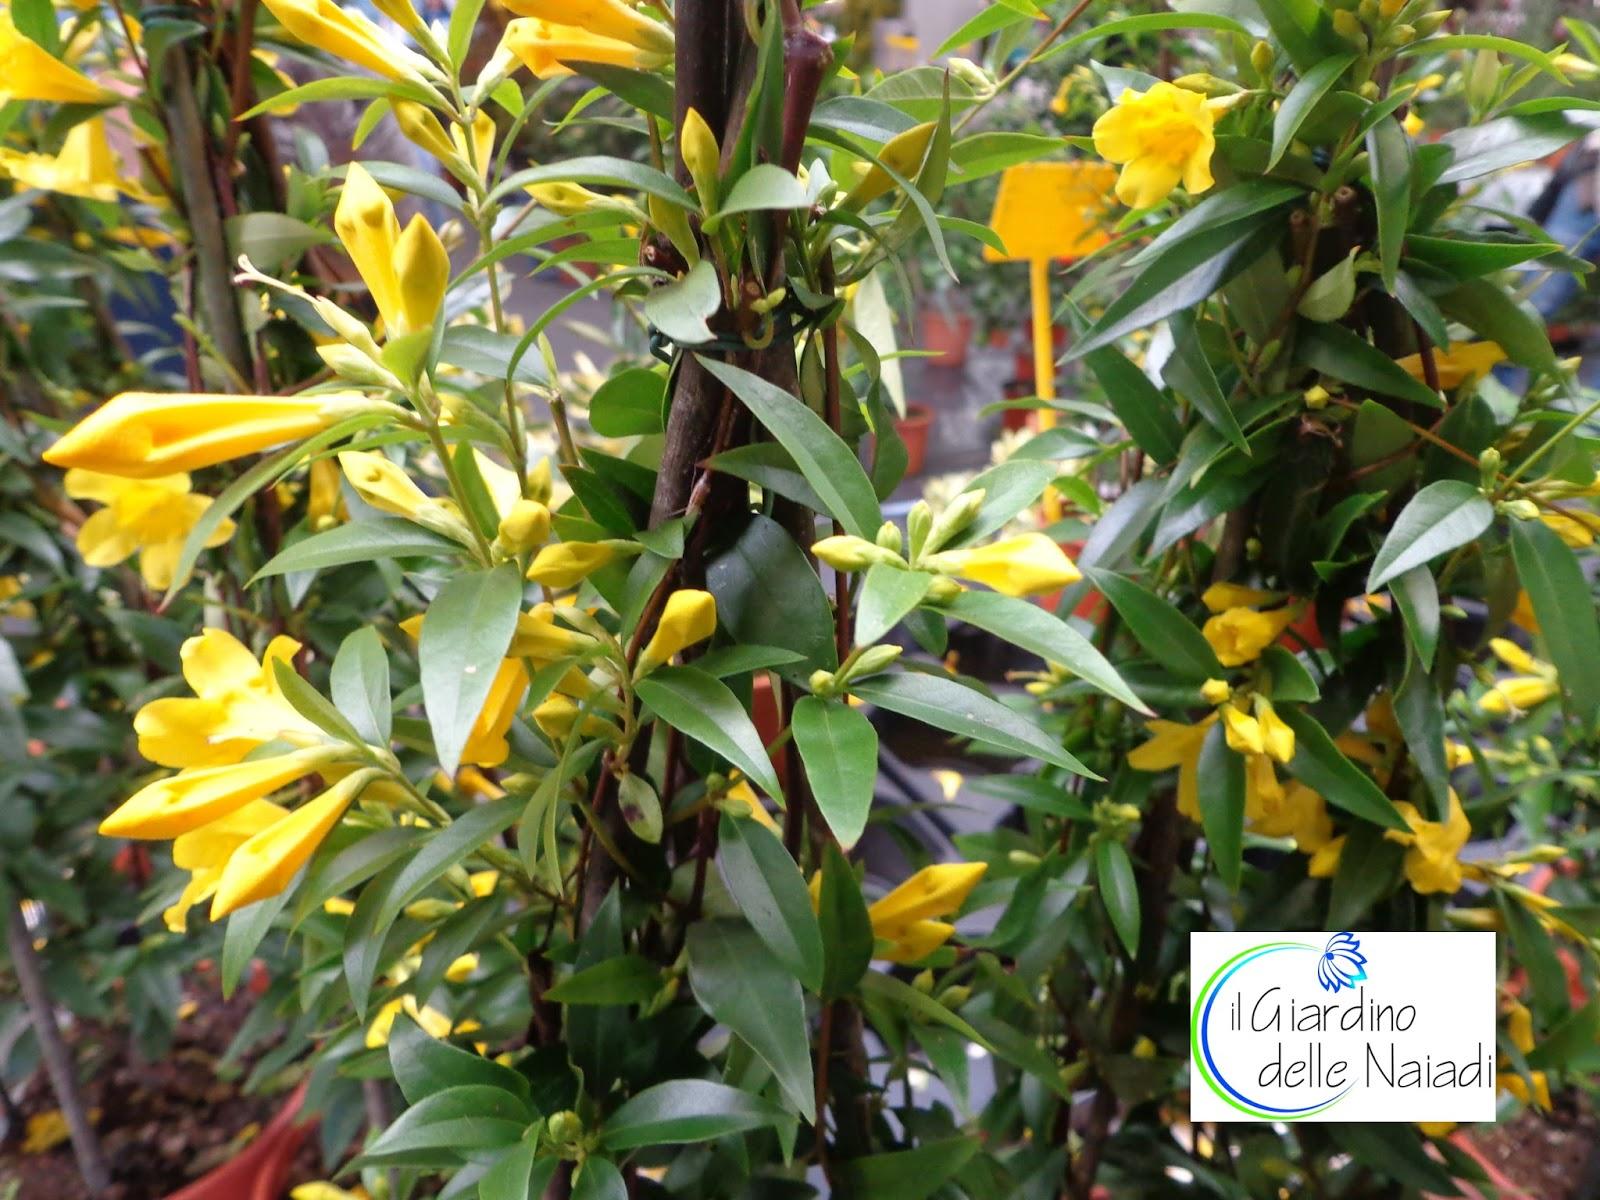 Arbusto Boschivo Dai Fiori Gialli.Il Giardino Delle Naiadi Febbraio 2017